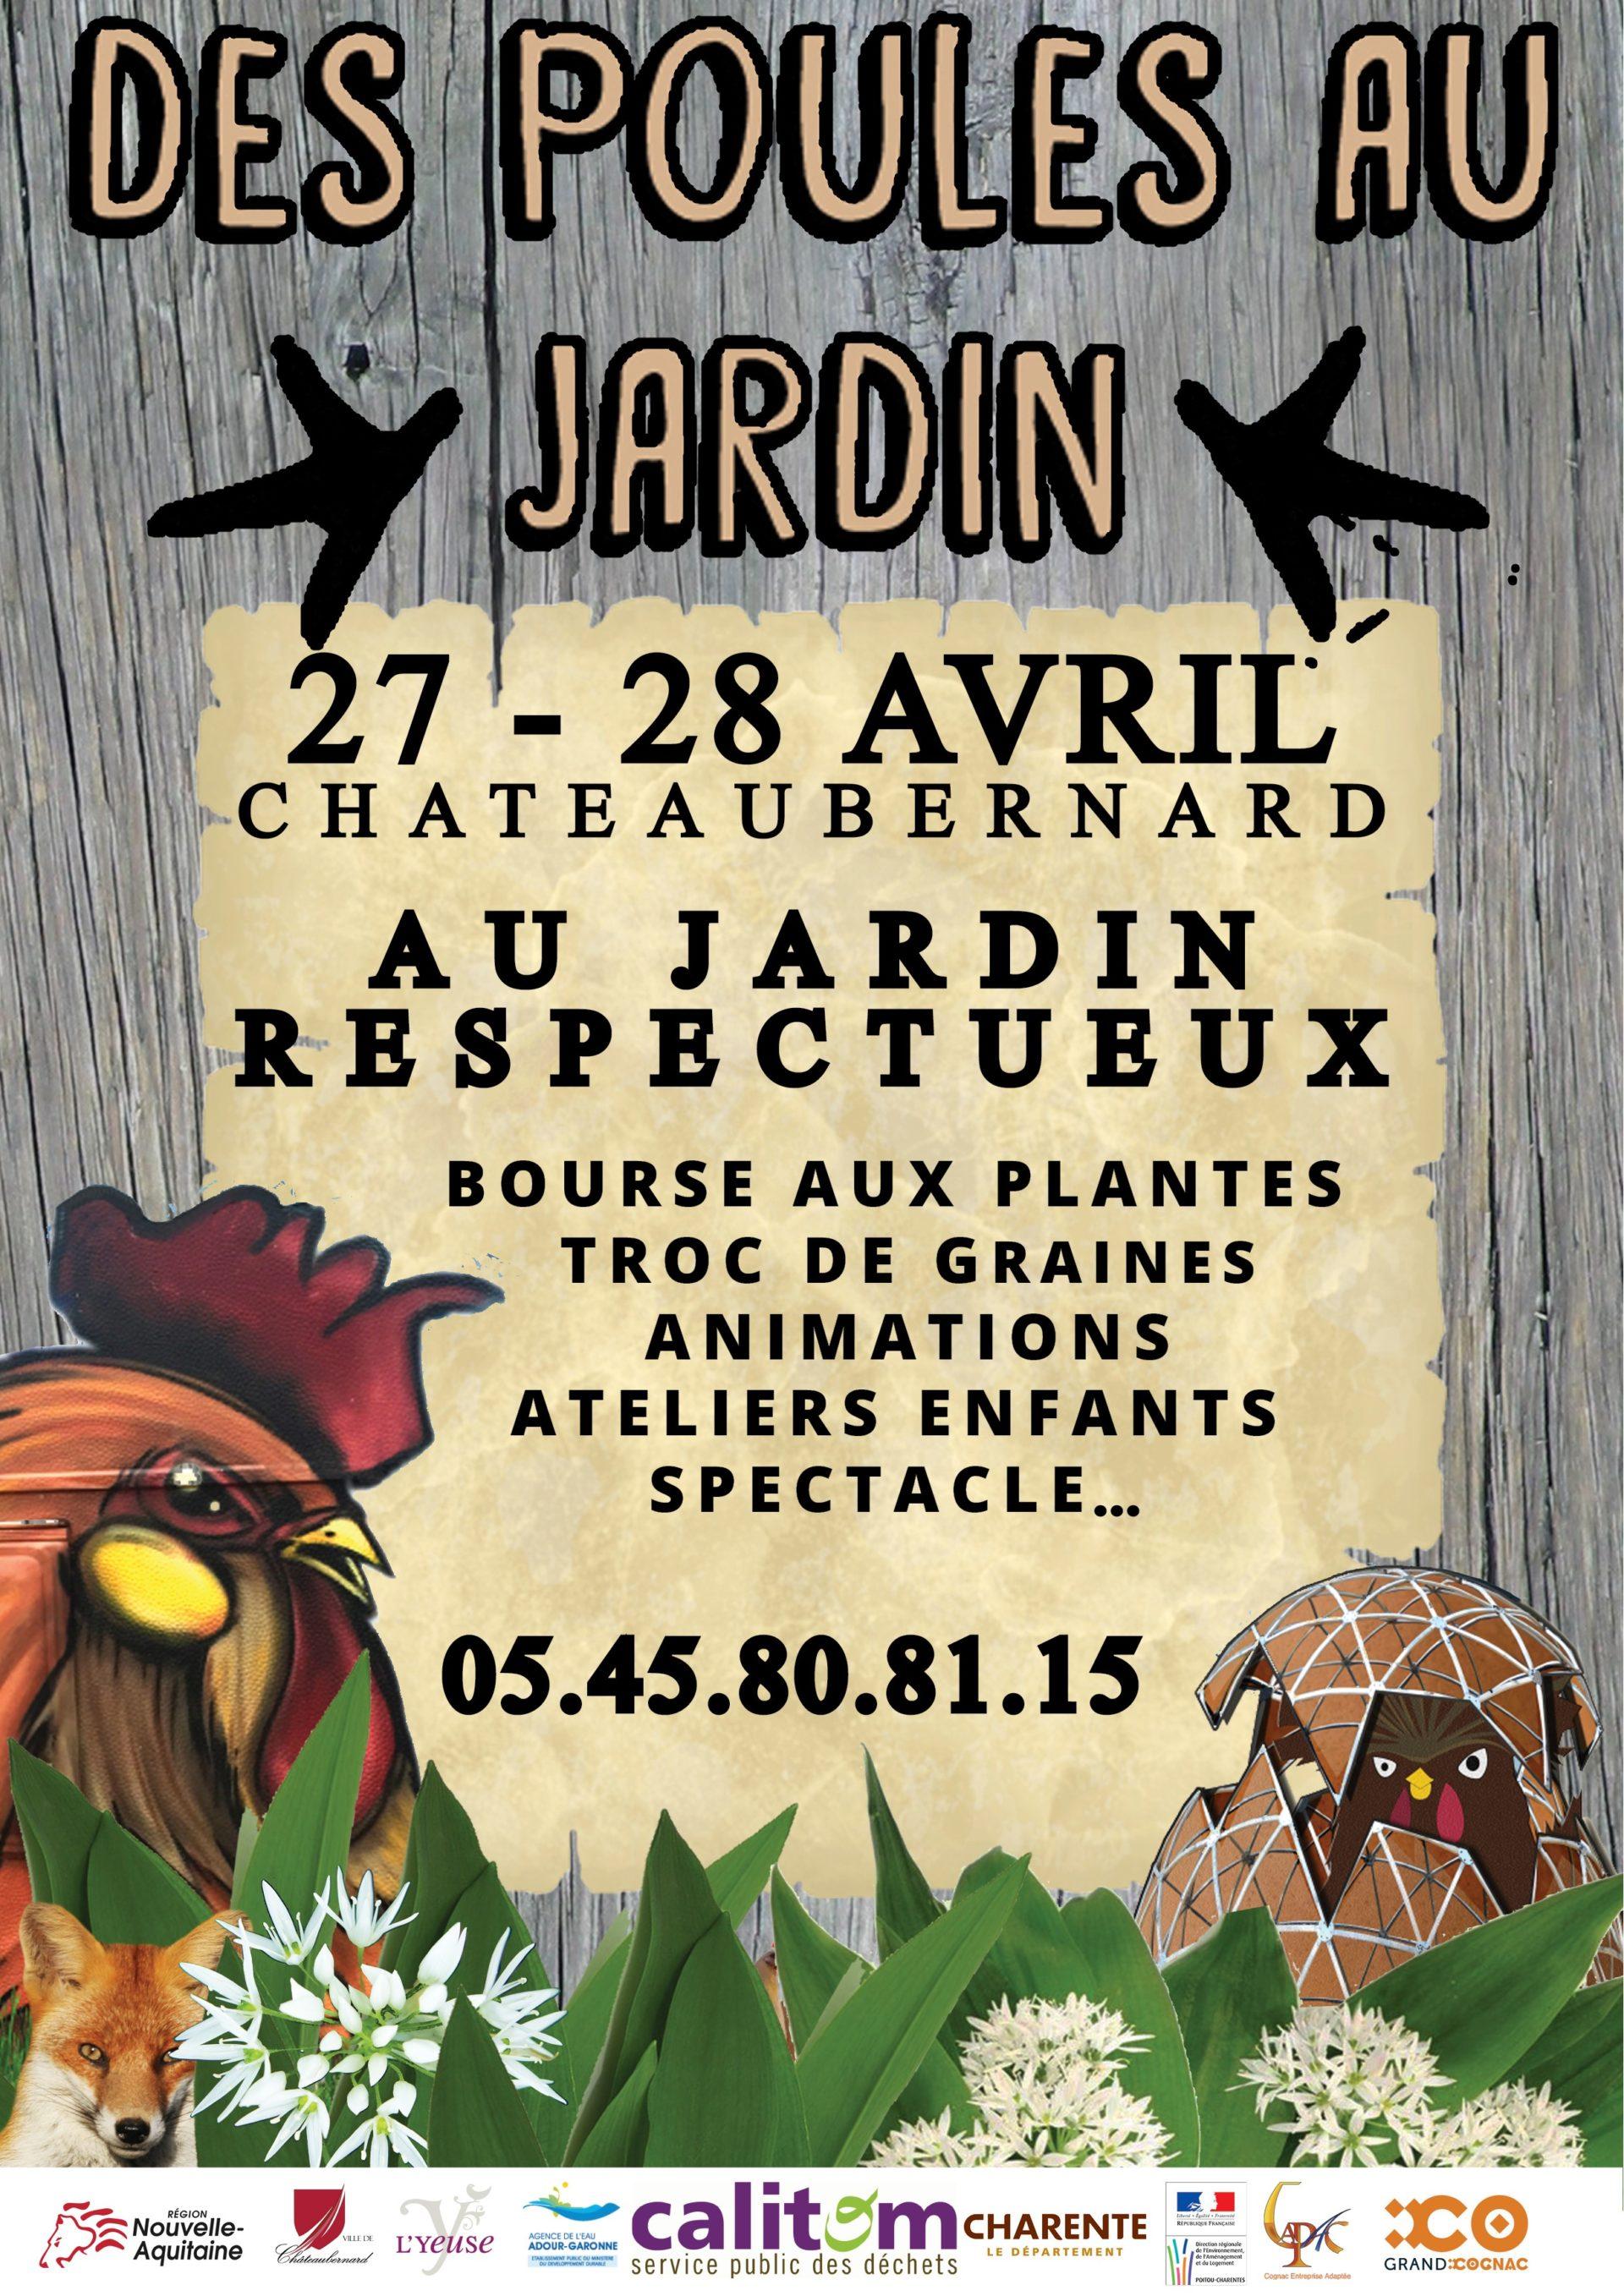 Calitom Calendrier 2019.Des Poules Au Jardin Edition 2019 Ville De Chateaubernard